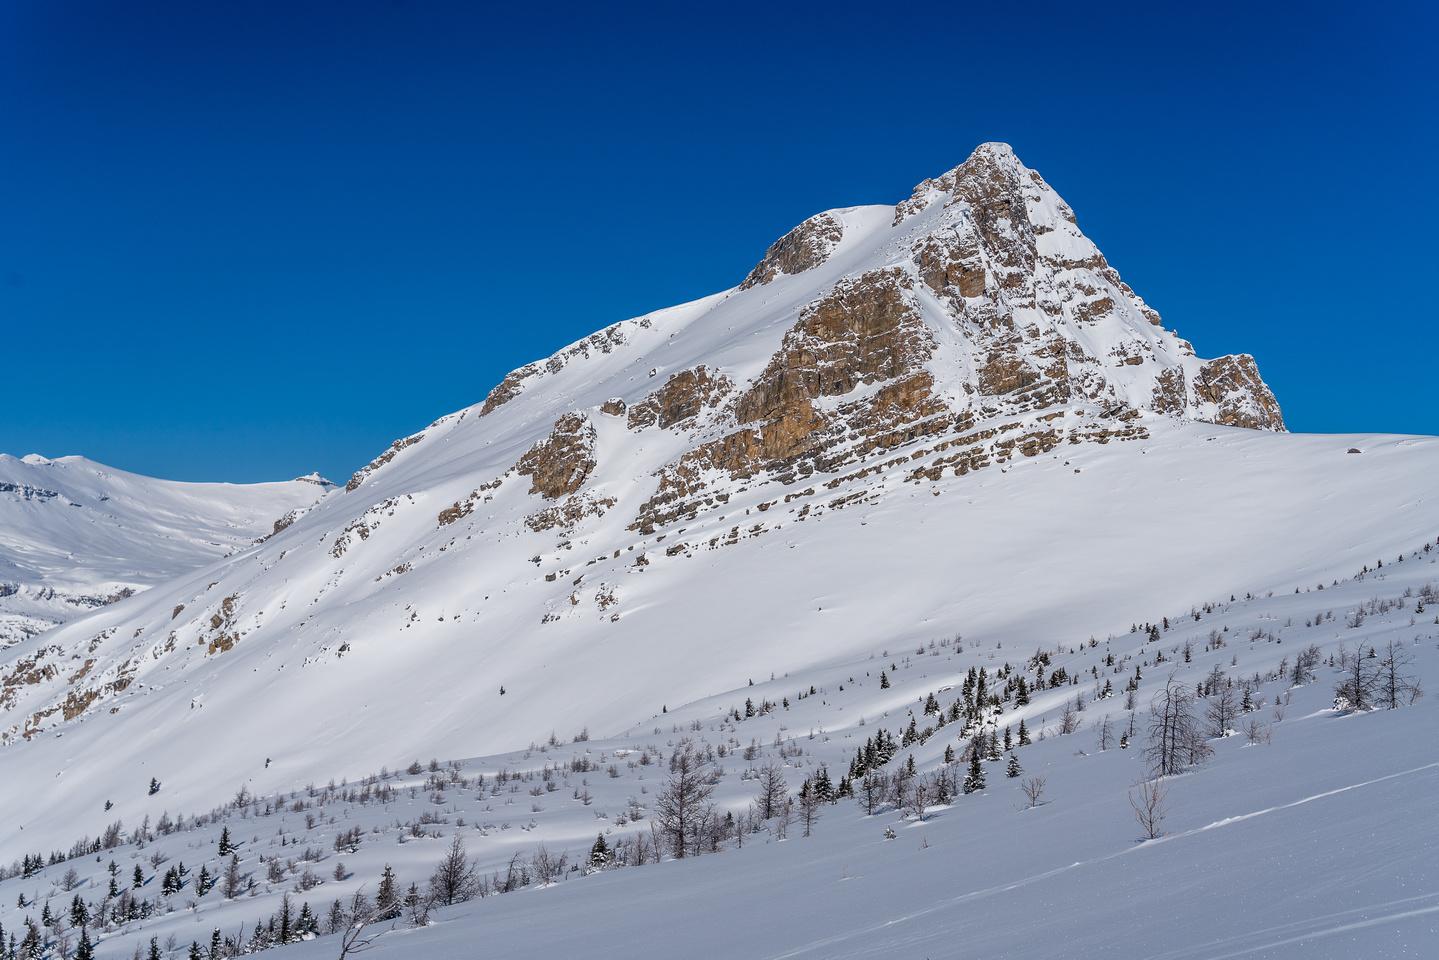 The Helena Peak outlier is striking!